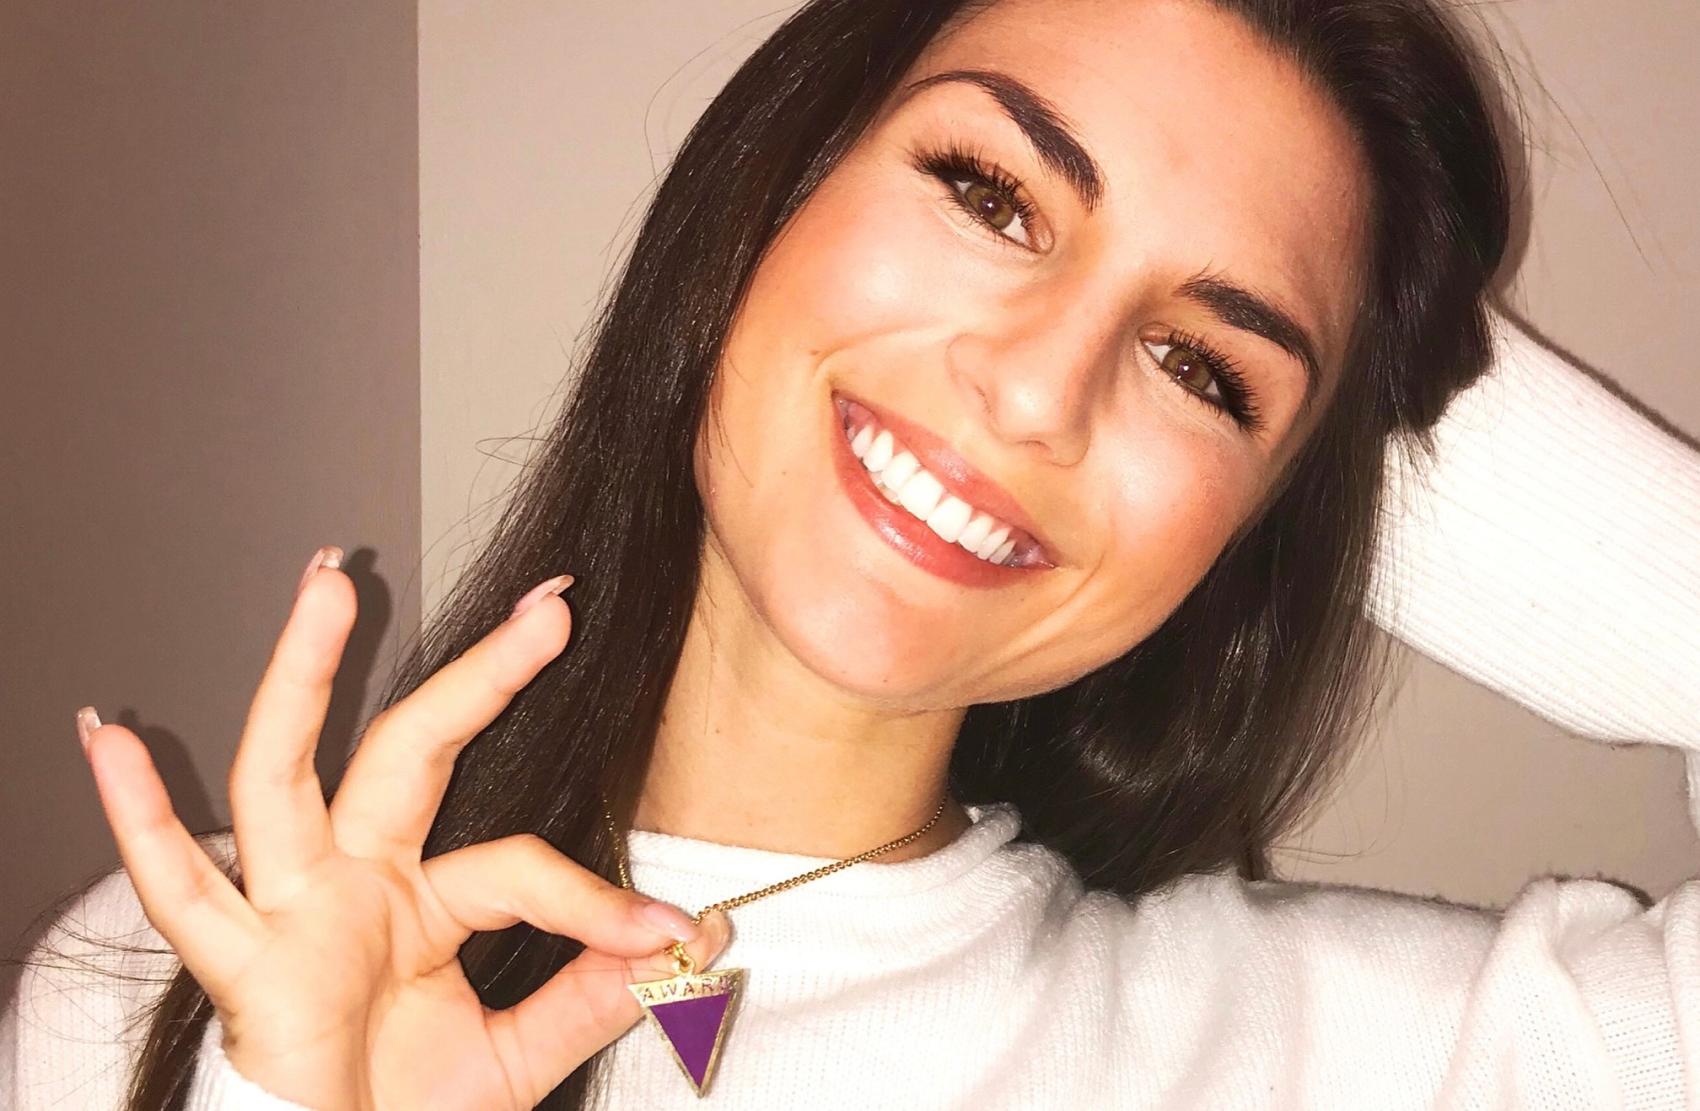 Nessa Bransa and raising epilepsy awareness